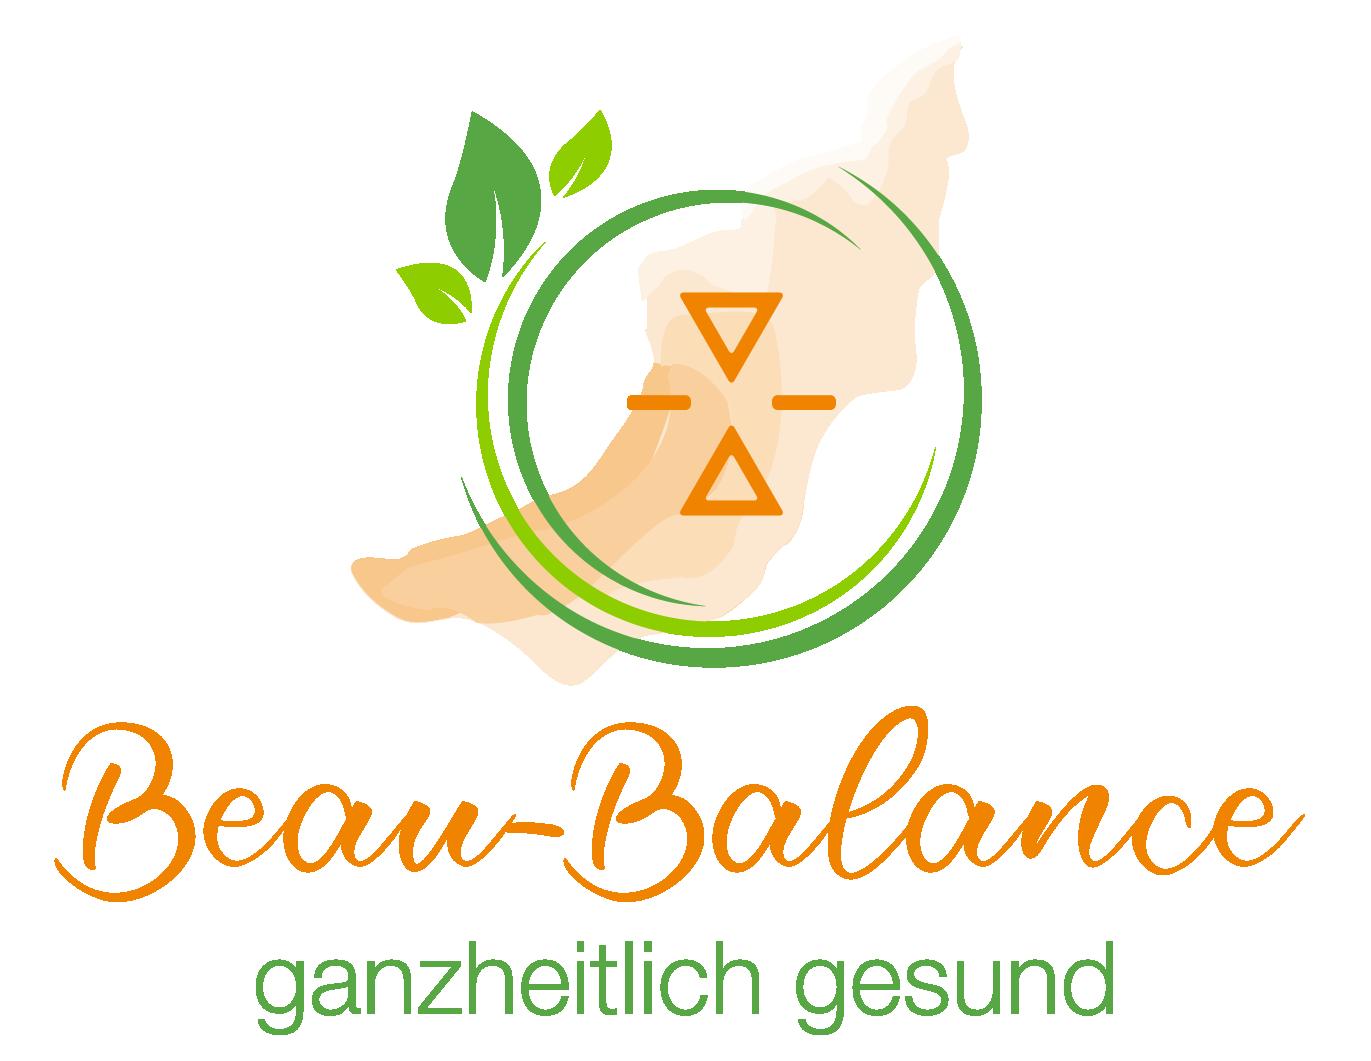 Ganzheitlich gesund - Mag. pharm. Bettina Augustin Naturheiltherapeutin in Österreich | Mit Hilfe von Lebensstilveränderung, Ernährung, Mineralstoffen, Vitaminen, Pflanzen und /oder Heilpilzen bringen wir Ihren Körper wieder in Balance.